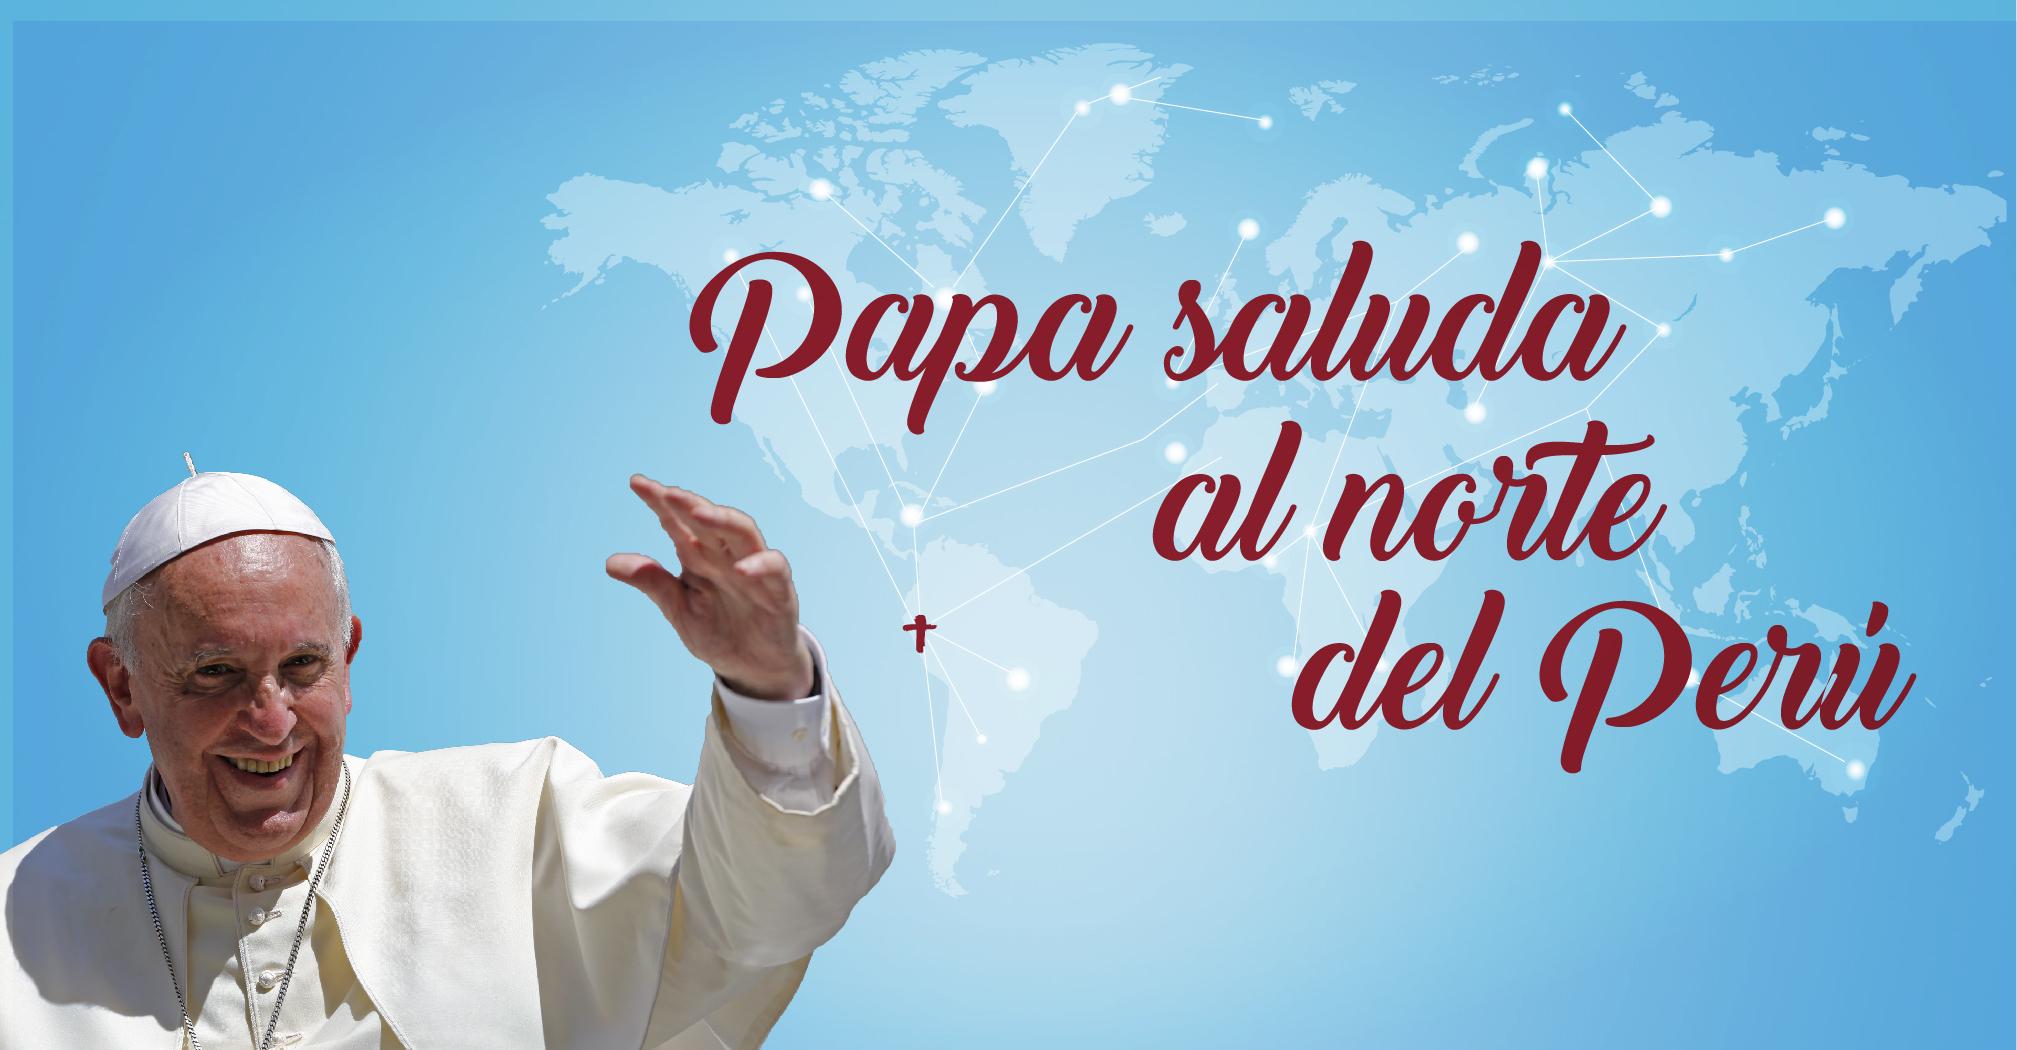 Papa Francisco saluda y envía su bendición al norte del Perú